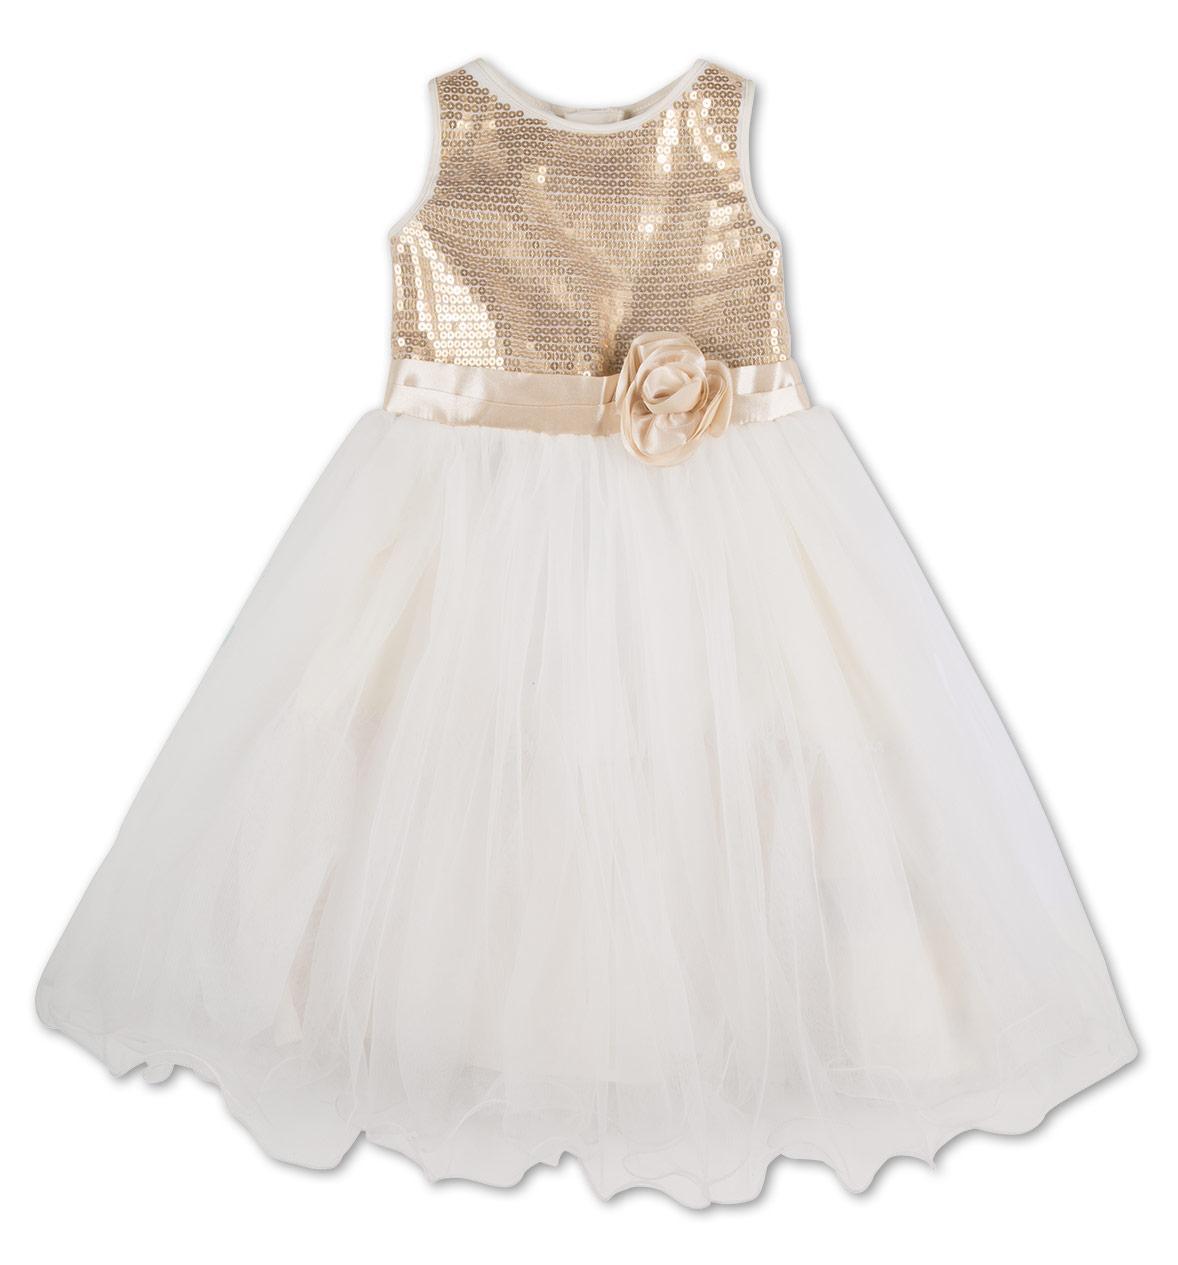 Очень красивое нарядное платье на девочку C&A Германия Размер 116 и 122